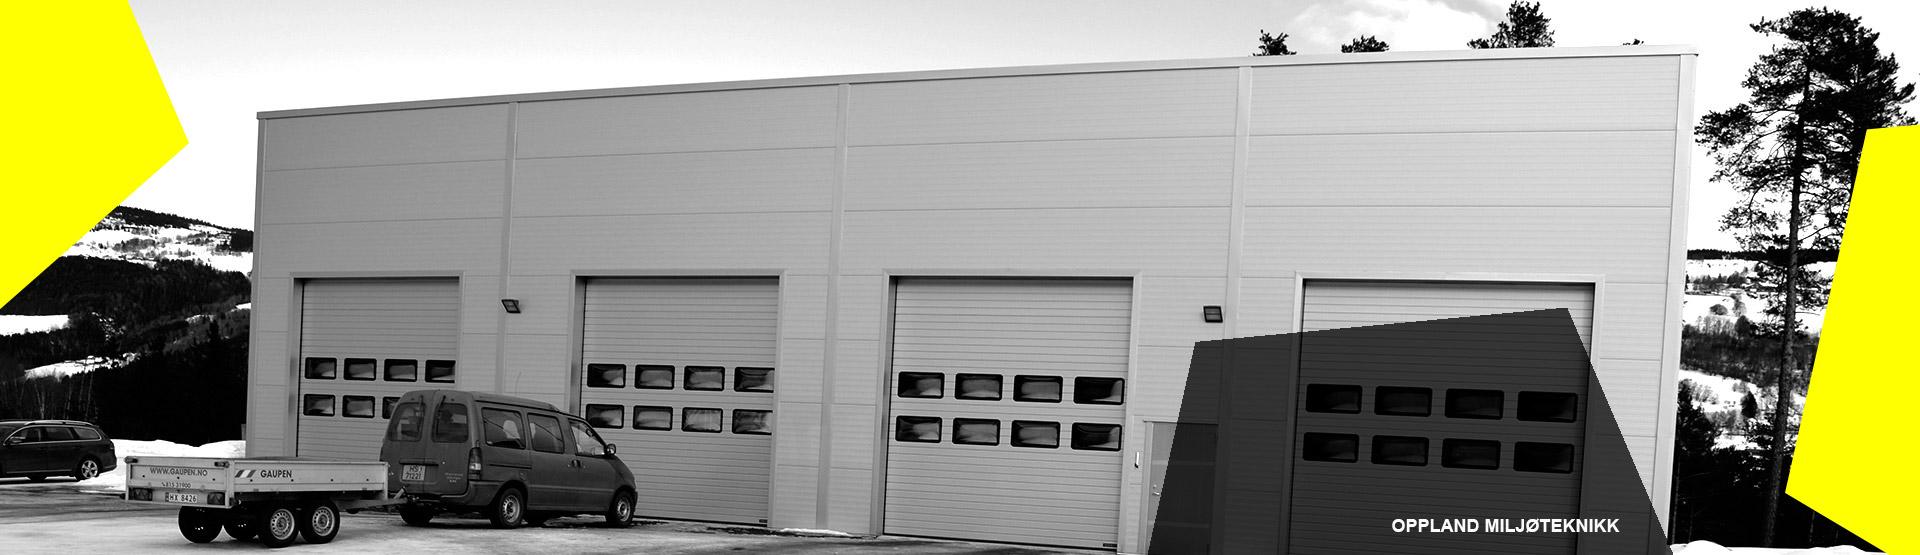 oppland miljøteknikk lager garasje